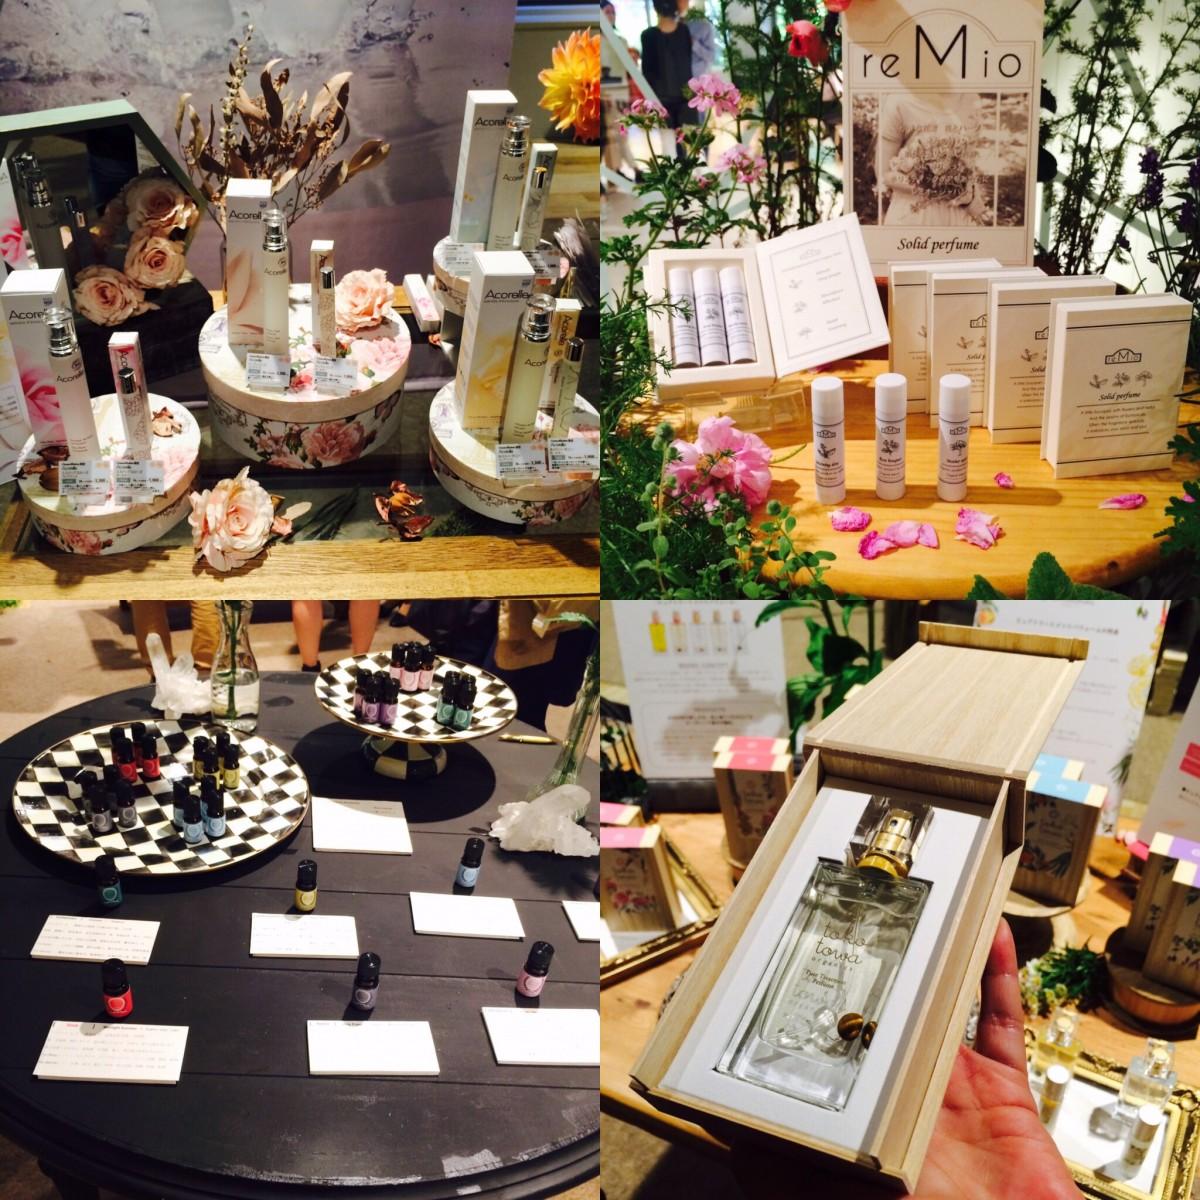 【展示会レポ】香水もオーガニックの時代に⁉︎心身から美しくなれる♡6月デビューのフレグランス新ブランド特集